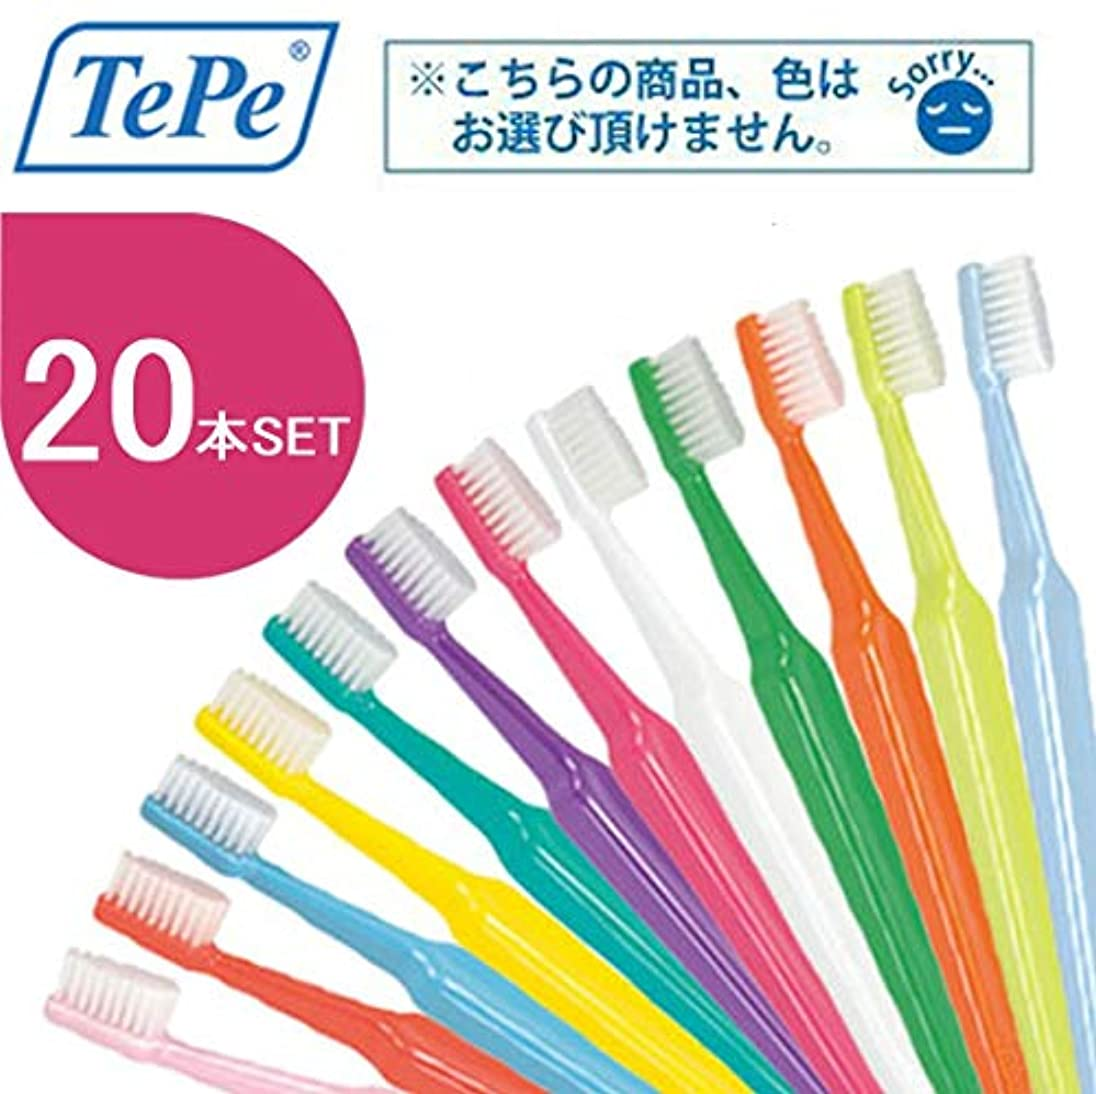 ヤギ公爵異邦人クロスフィールド TePe テペ セレクト 歯ブラシ 20本 (ミディアム)